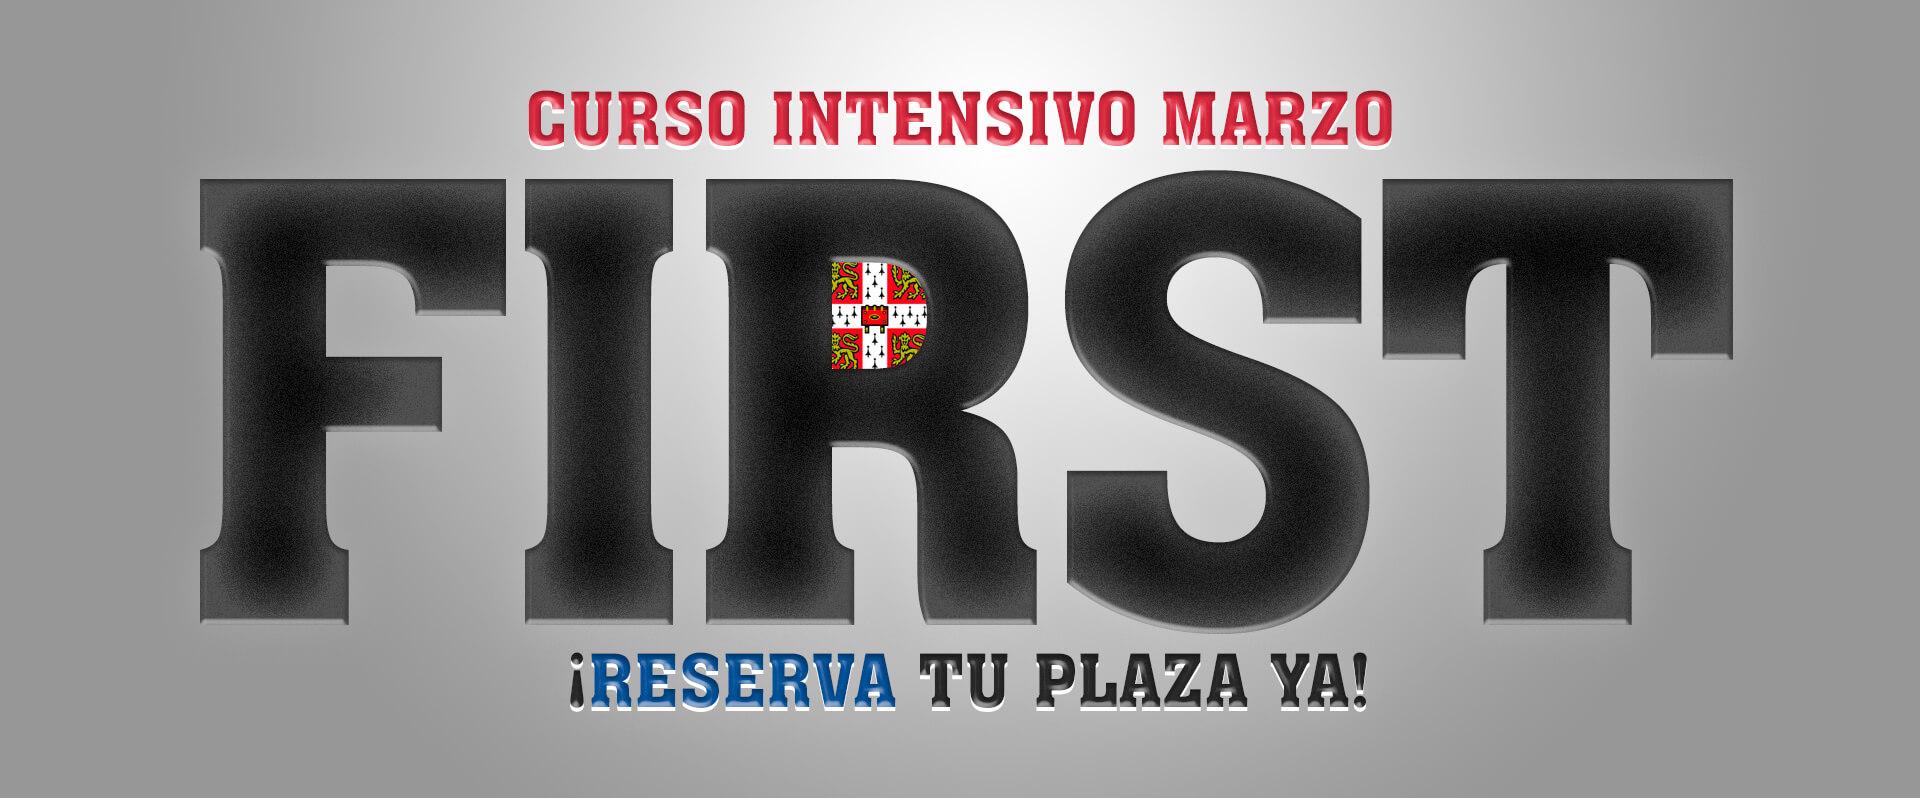 Curso Intensivo First en Zaragoza